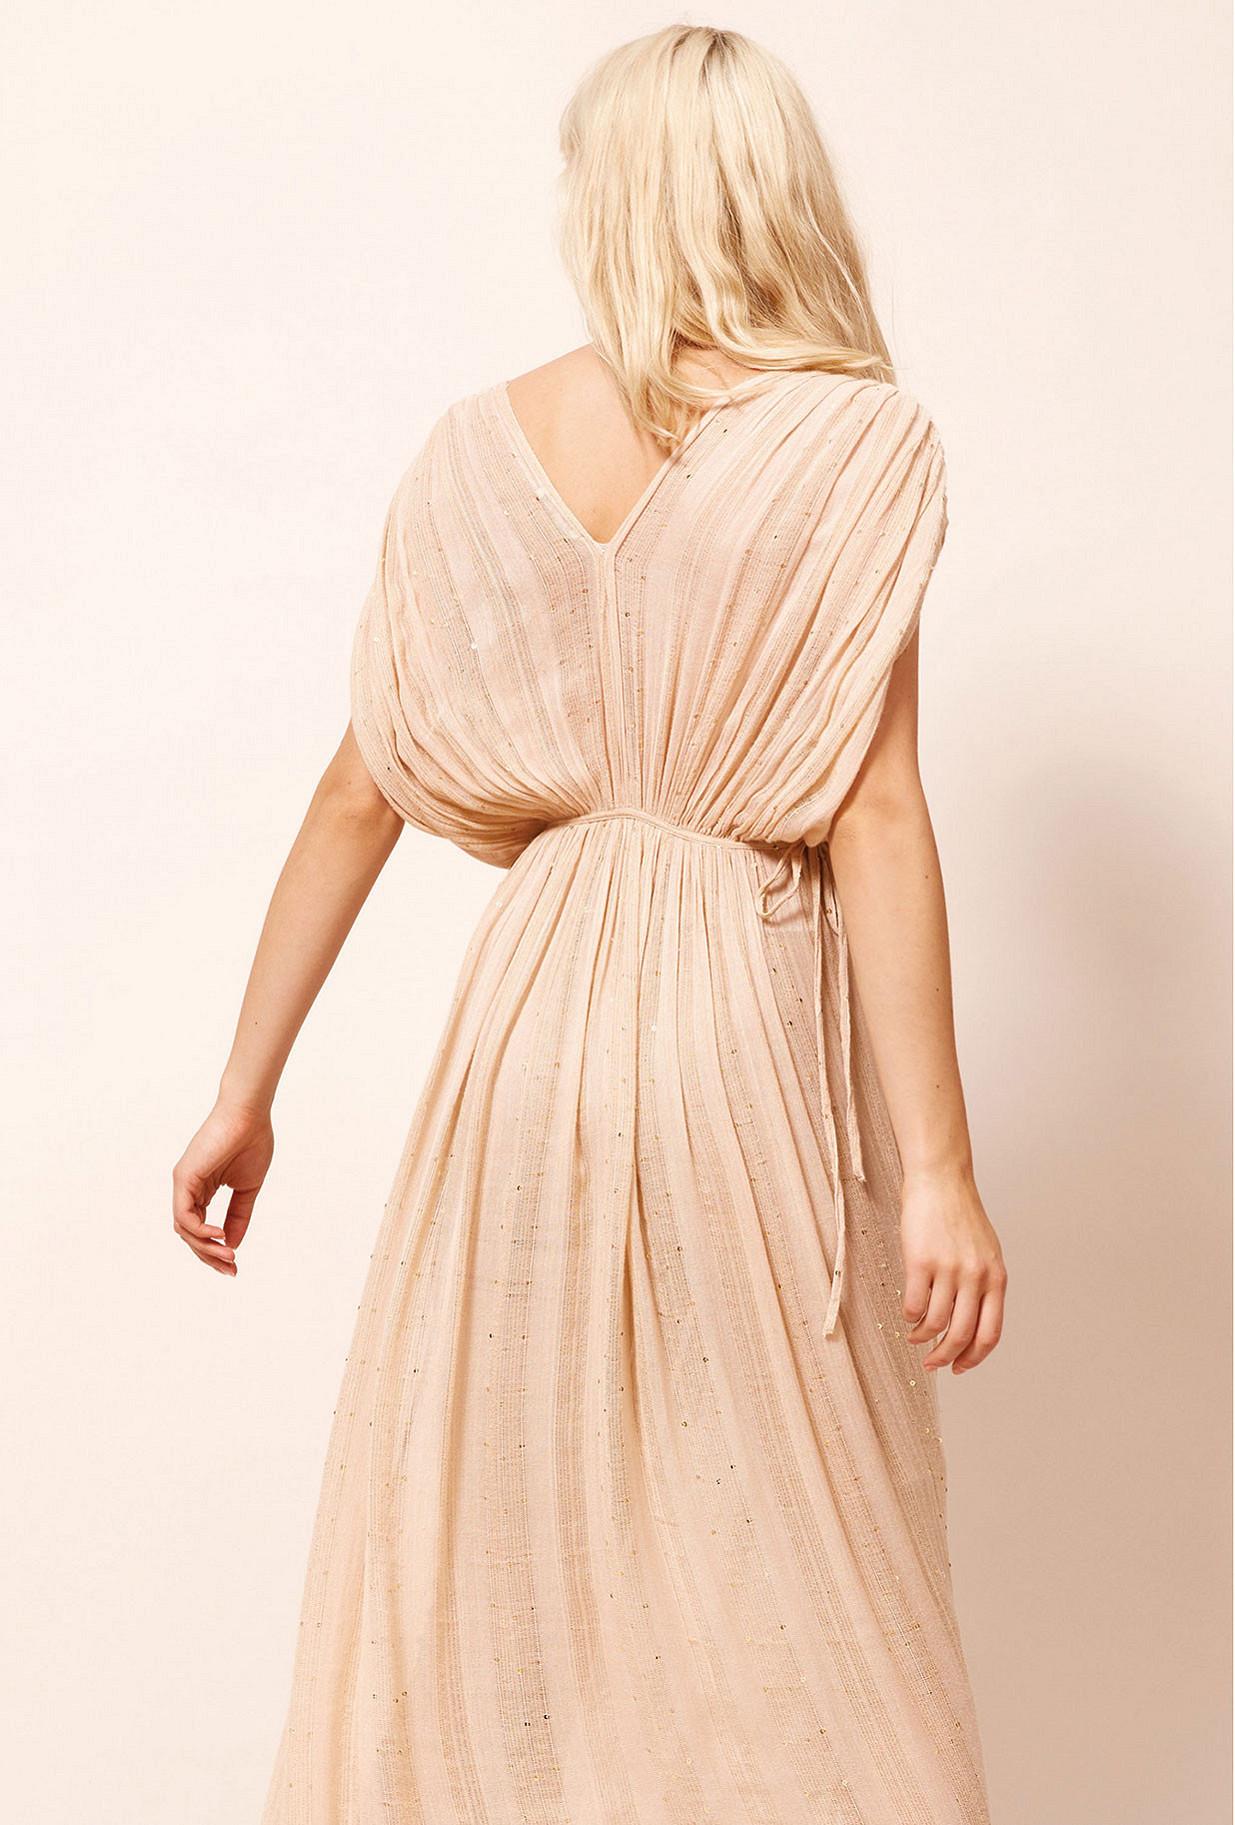 Paris boutique de mode vêtement Robe créateur bohème Nokomis